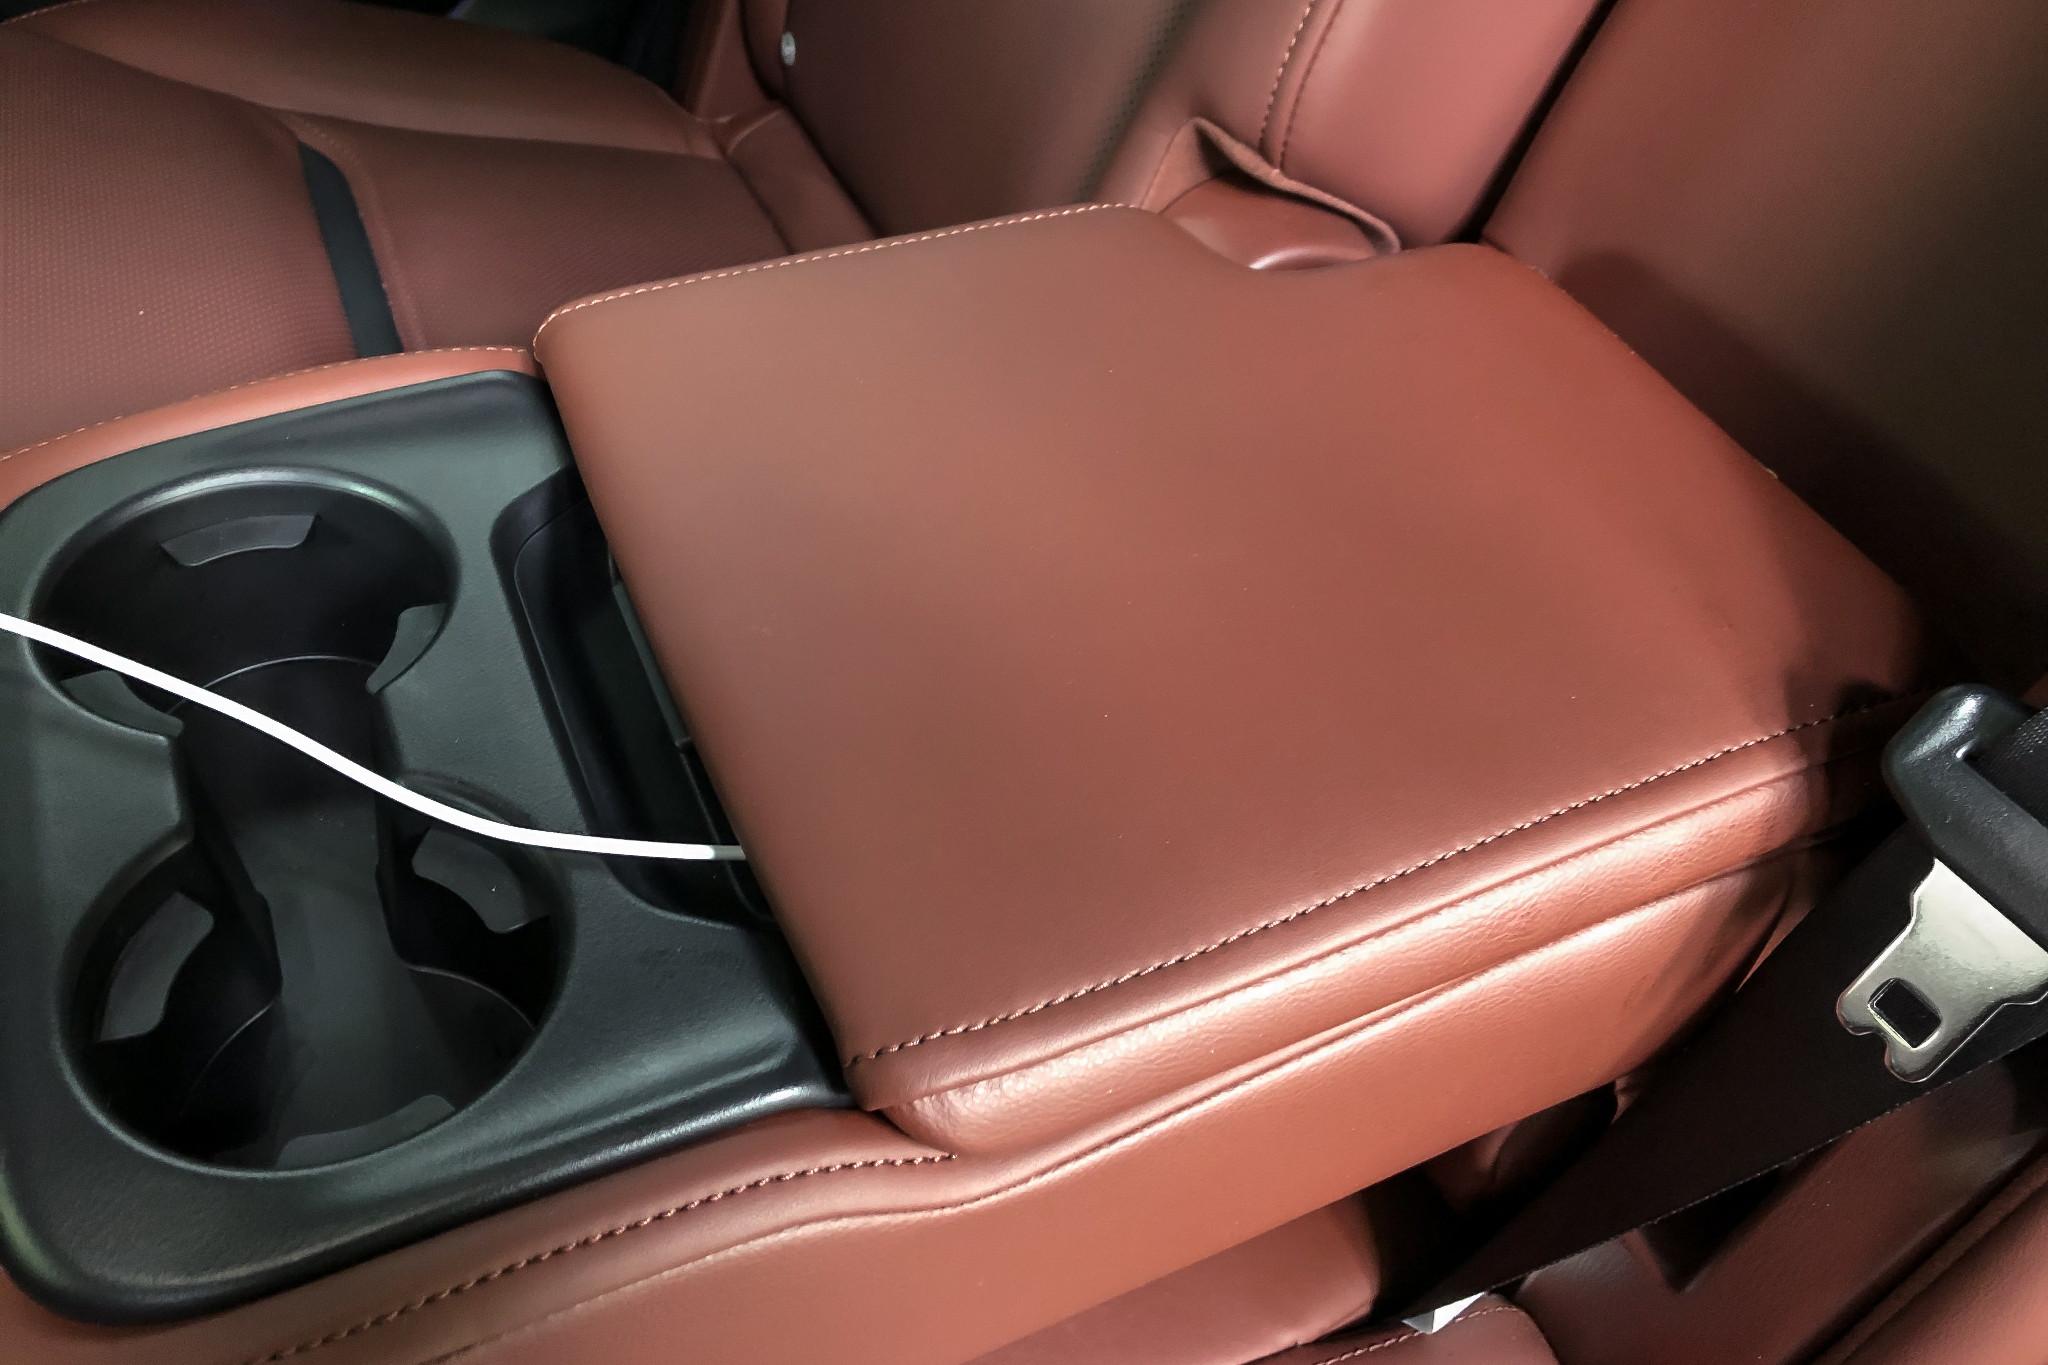 mazda-cx-9-2019-01-armrest--interior--outlet.jpg